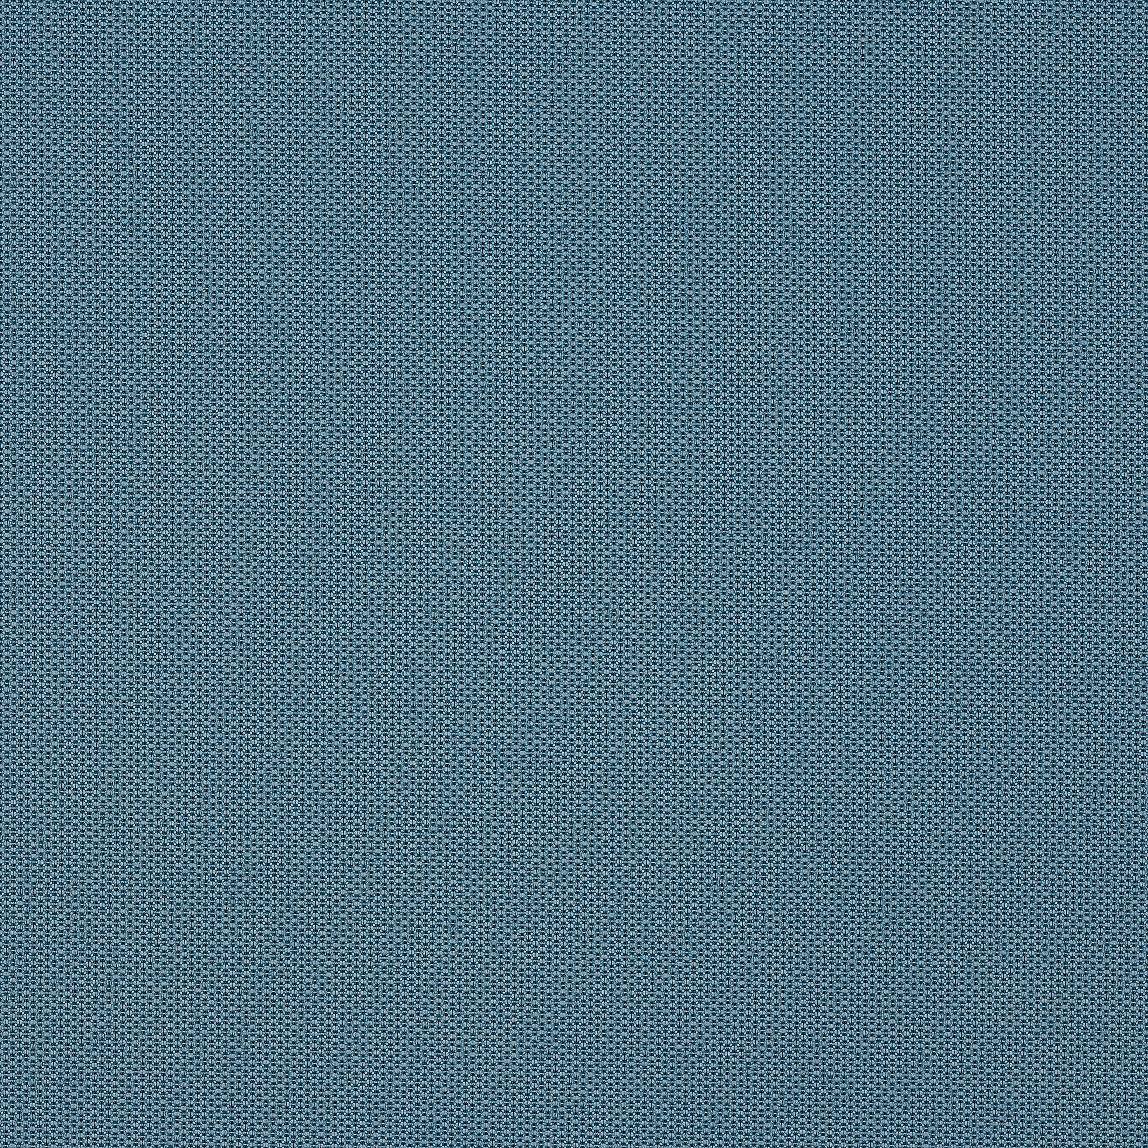 Bryant Park  Saxon Blue Swatch